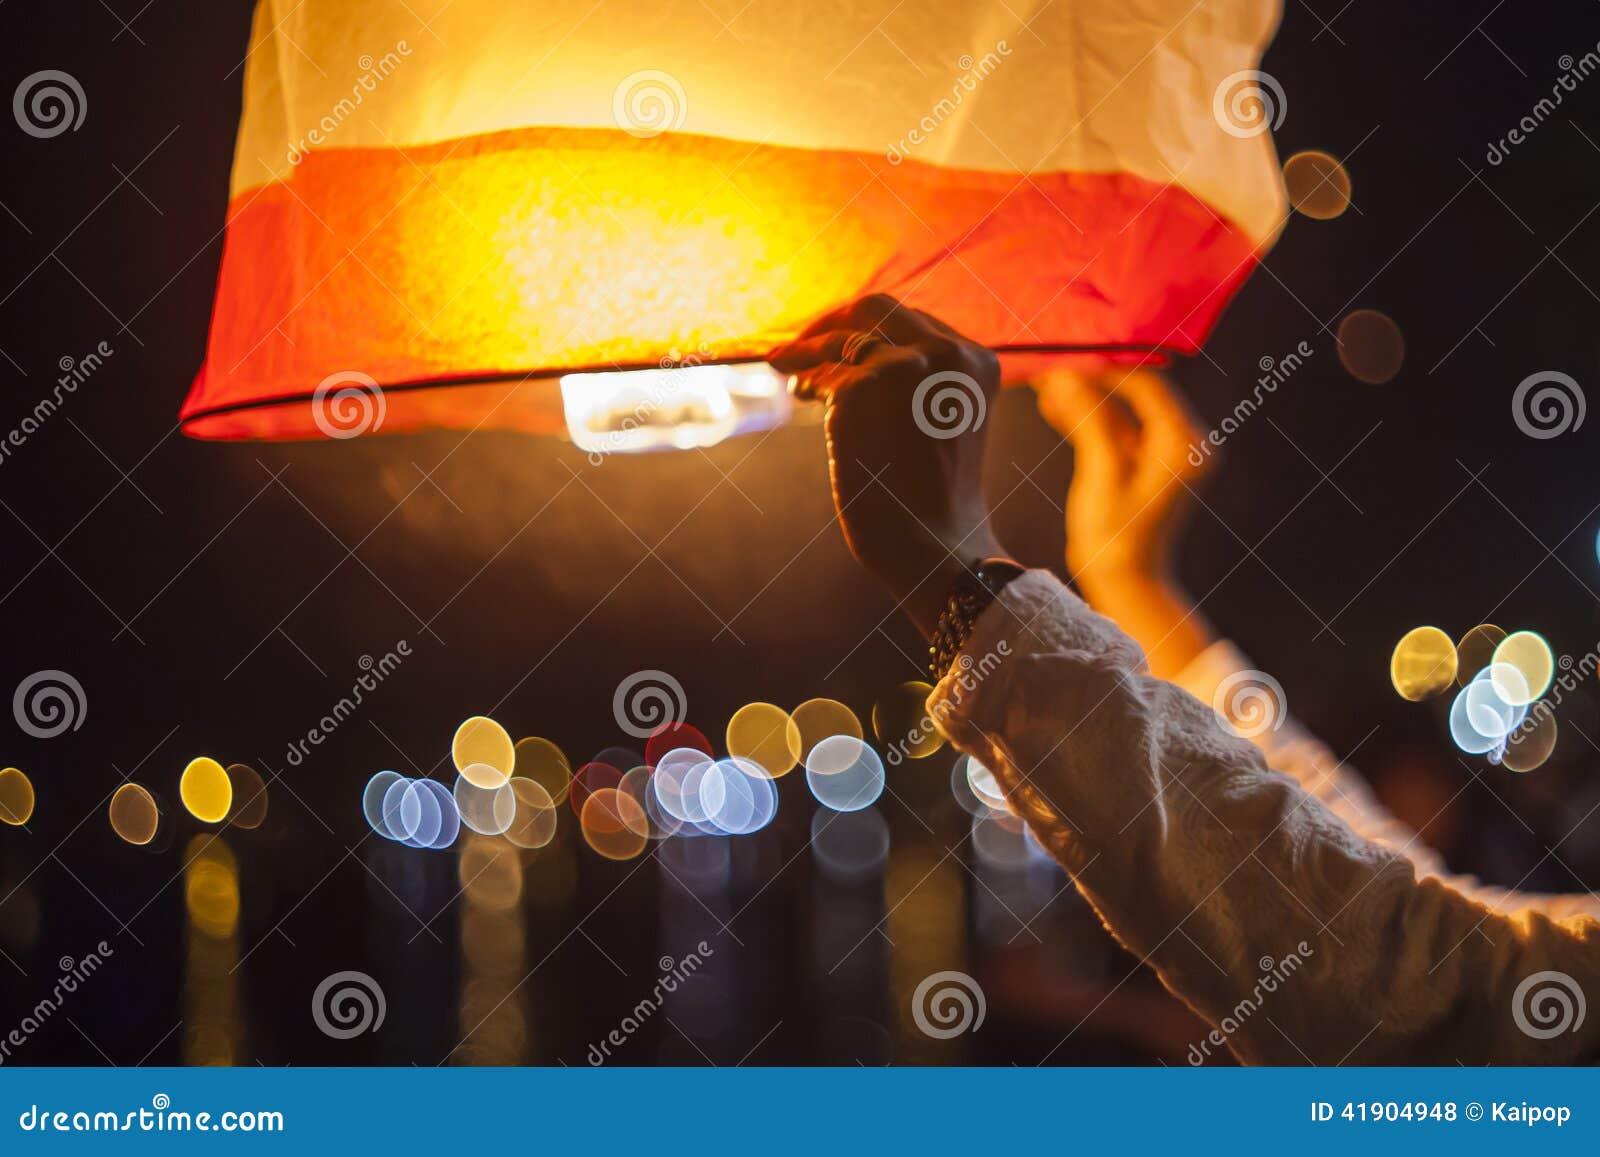 Releasing hot air lanterns